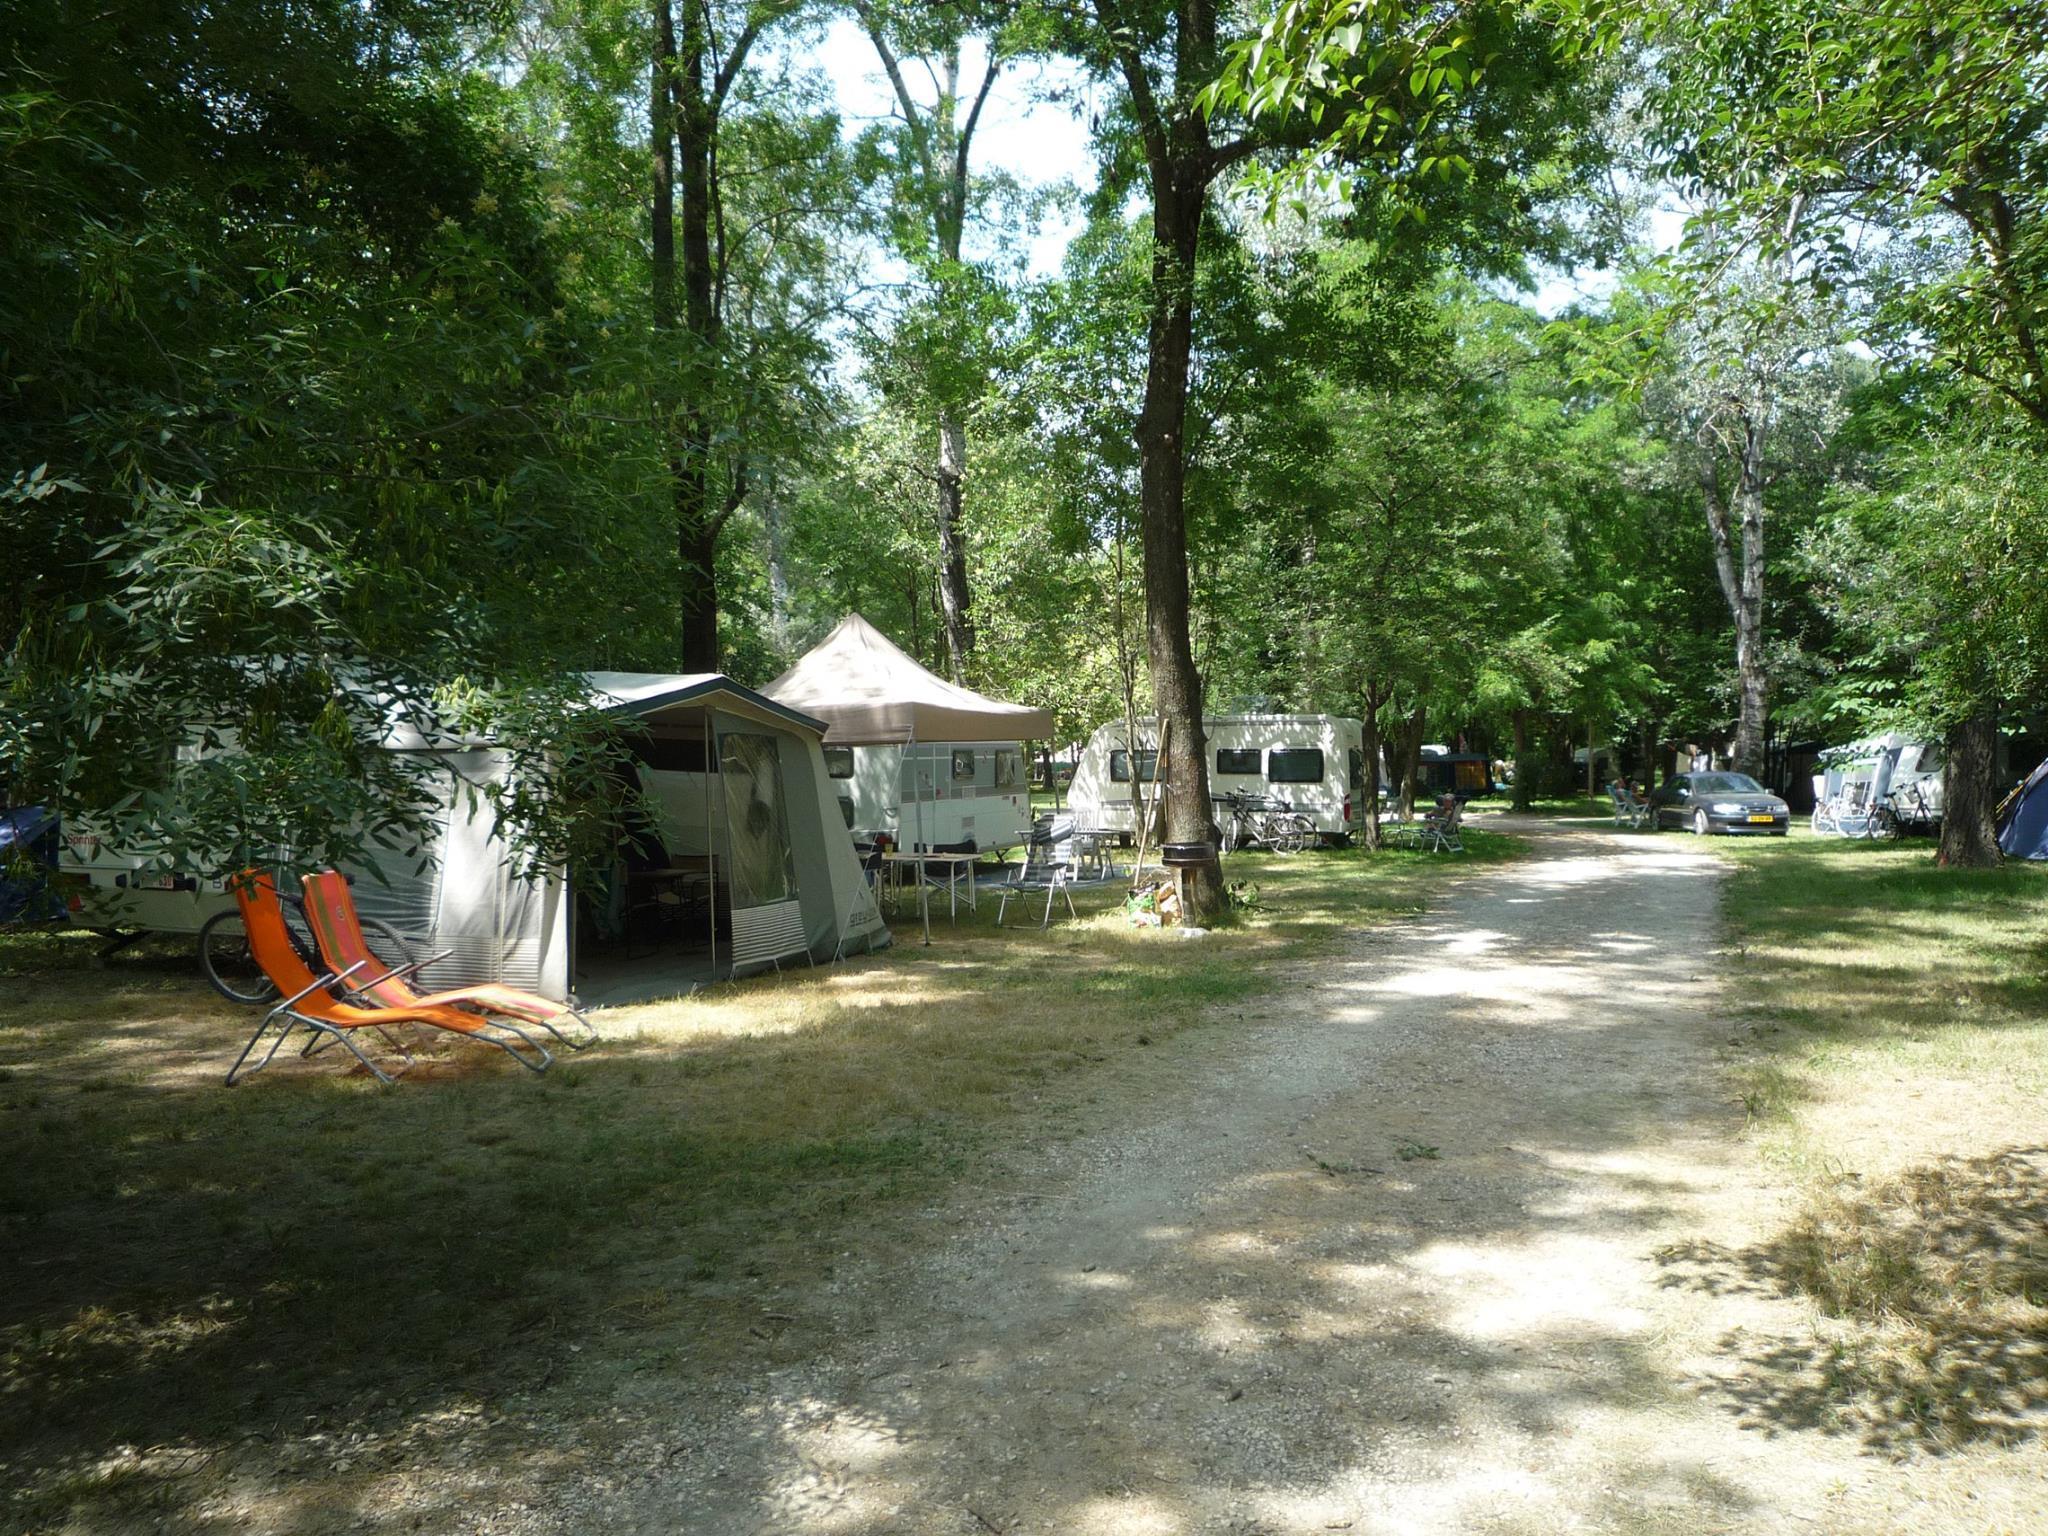 Camping du Lion, Bourg-Saint-Andéol, Ardèche